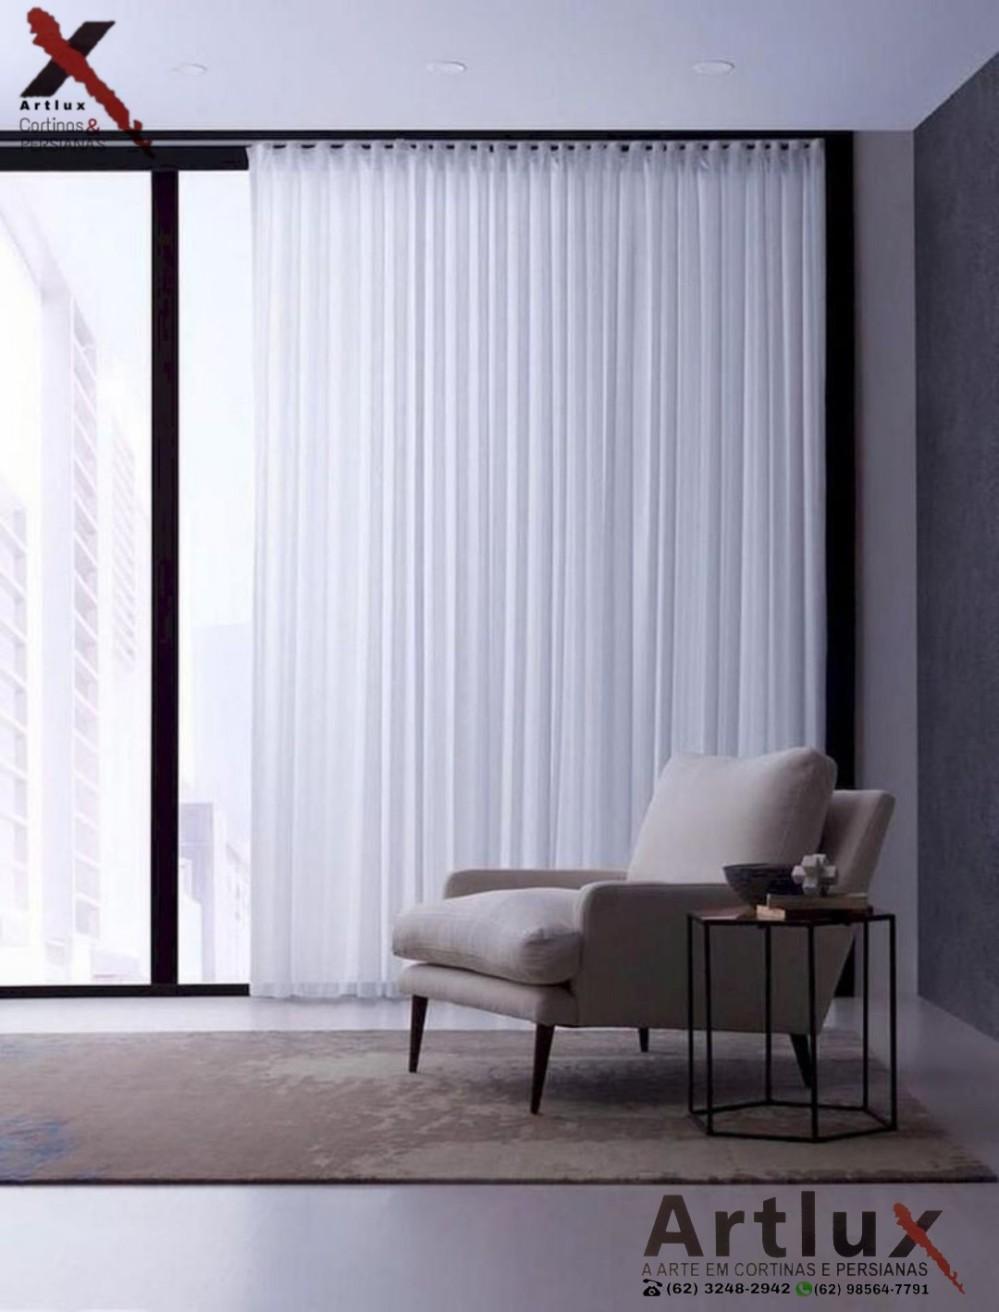 Fabricação de Cortinas | Trabalhamos com vários modelos de cortina